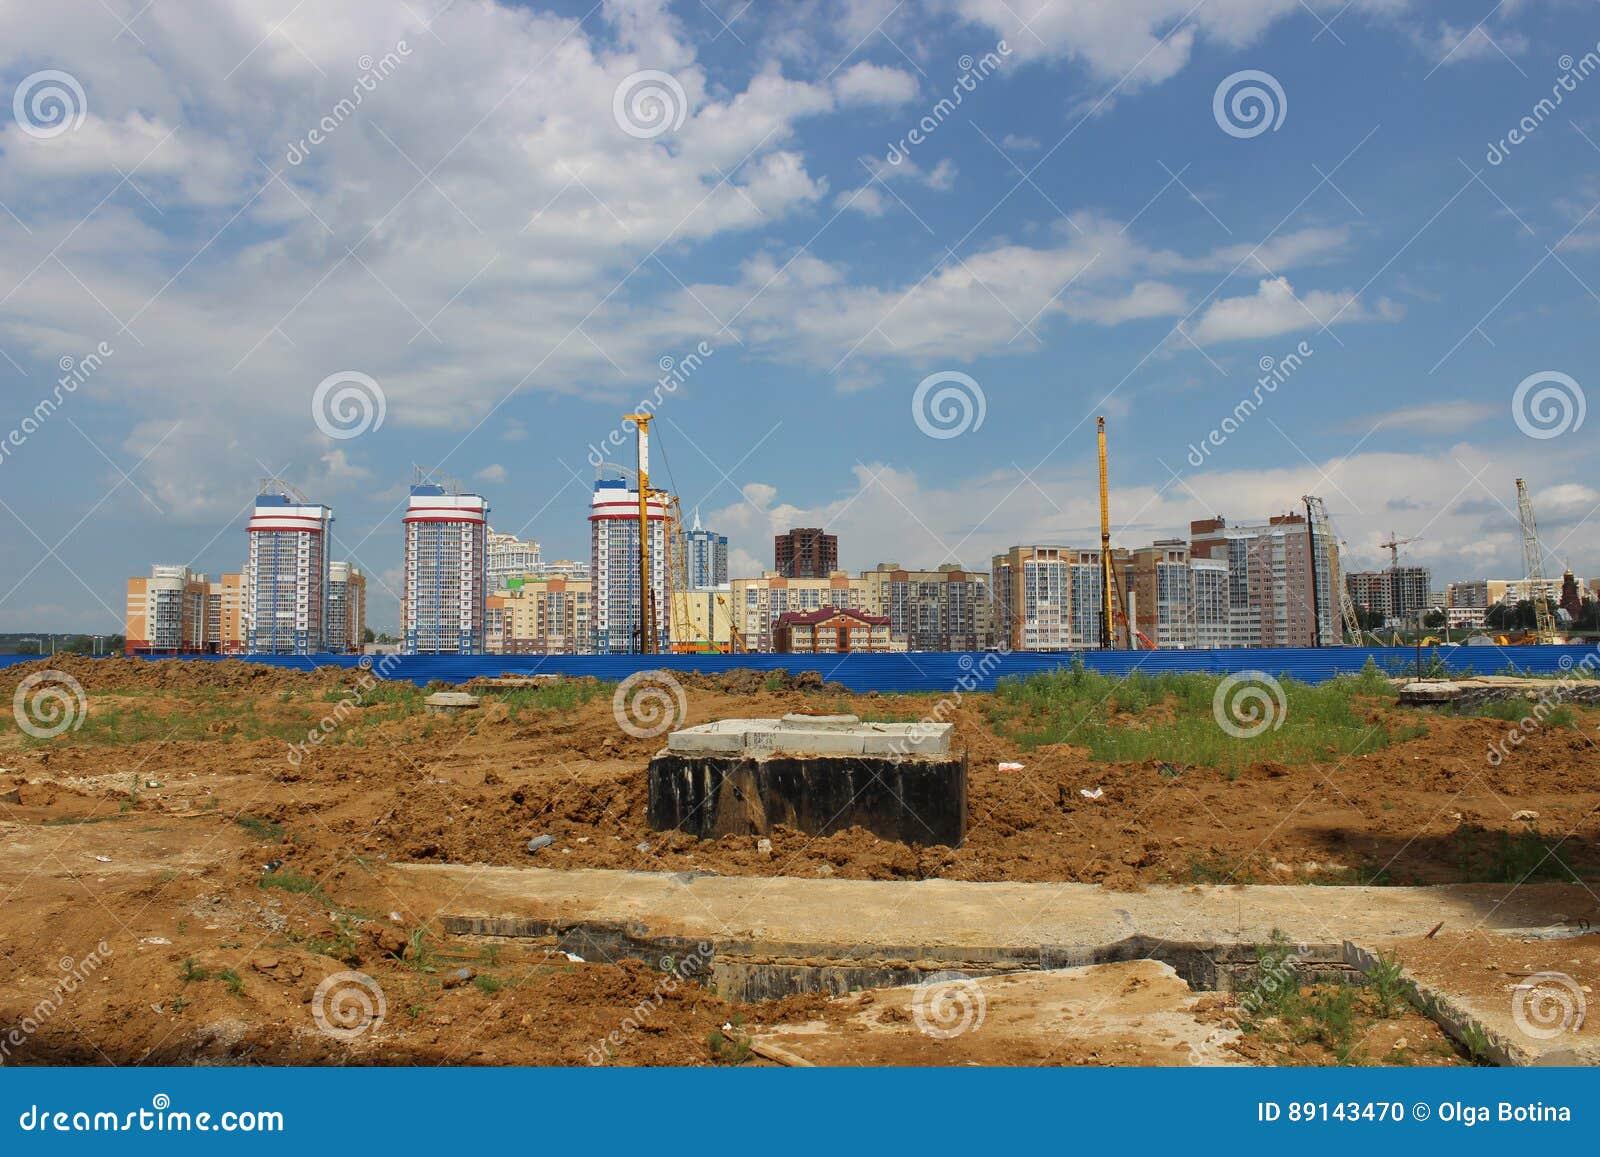 Budowa domu budować nowy multifamily ostatnio house